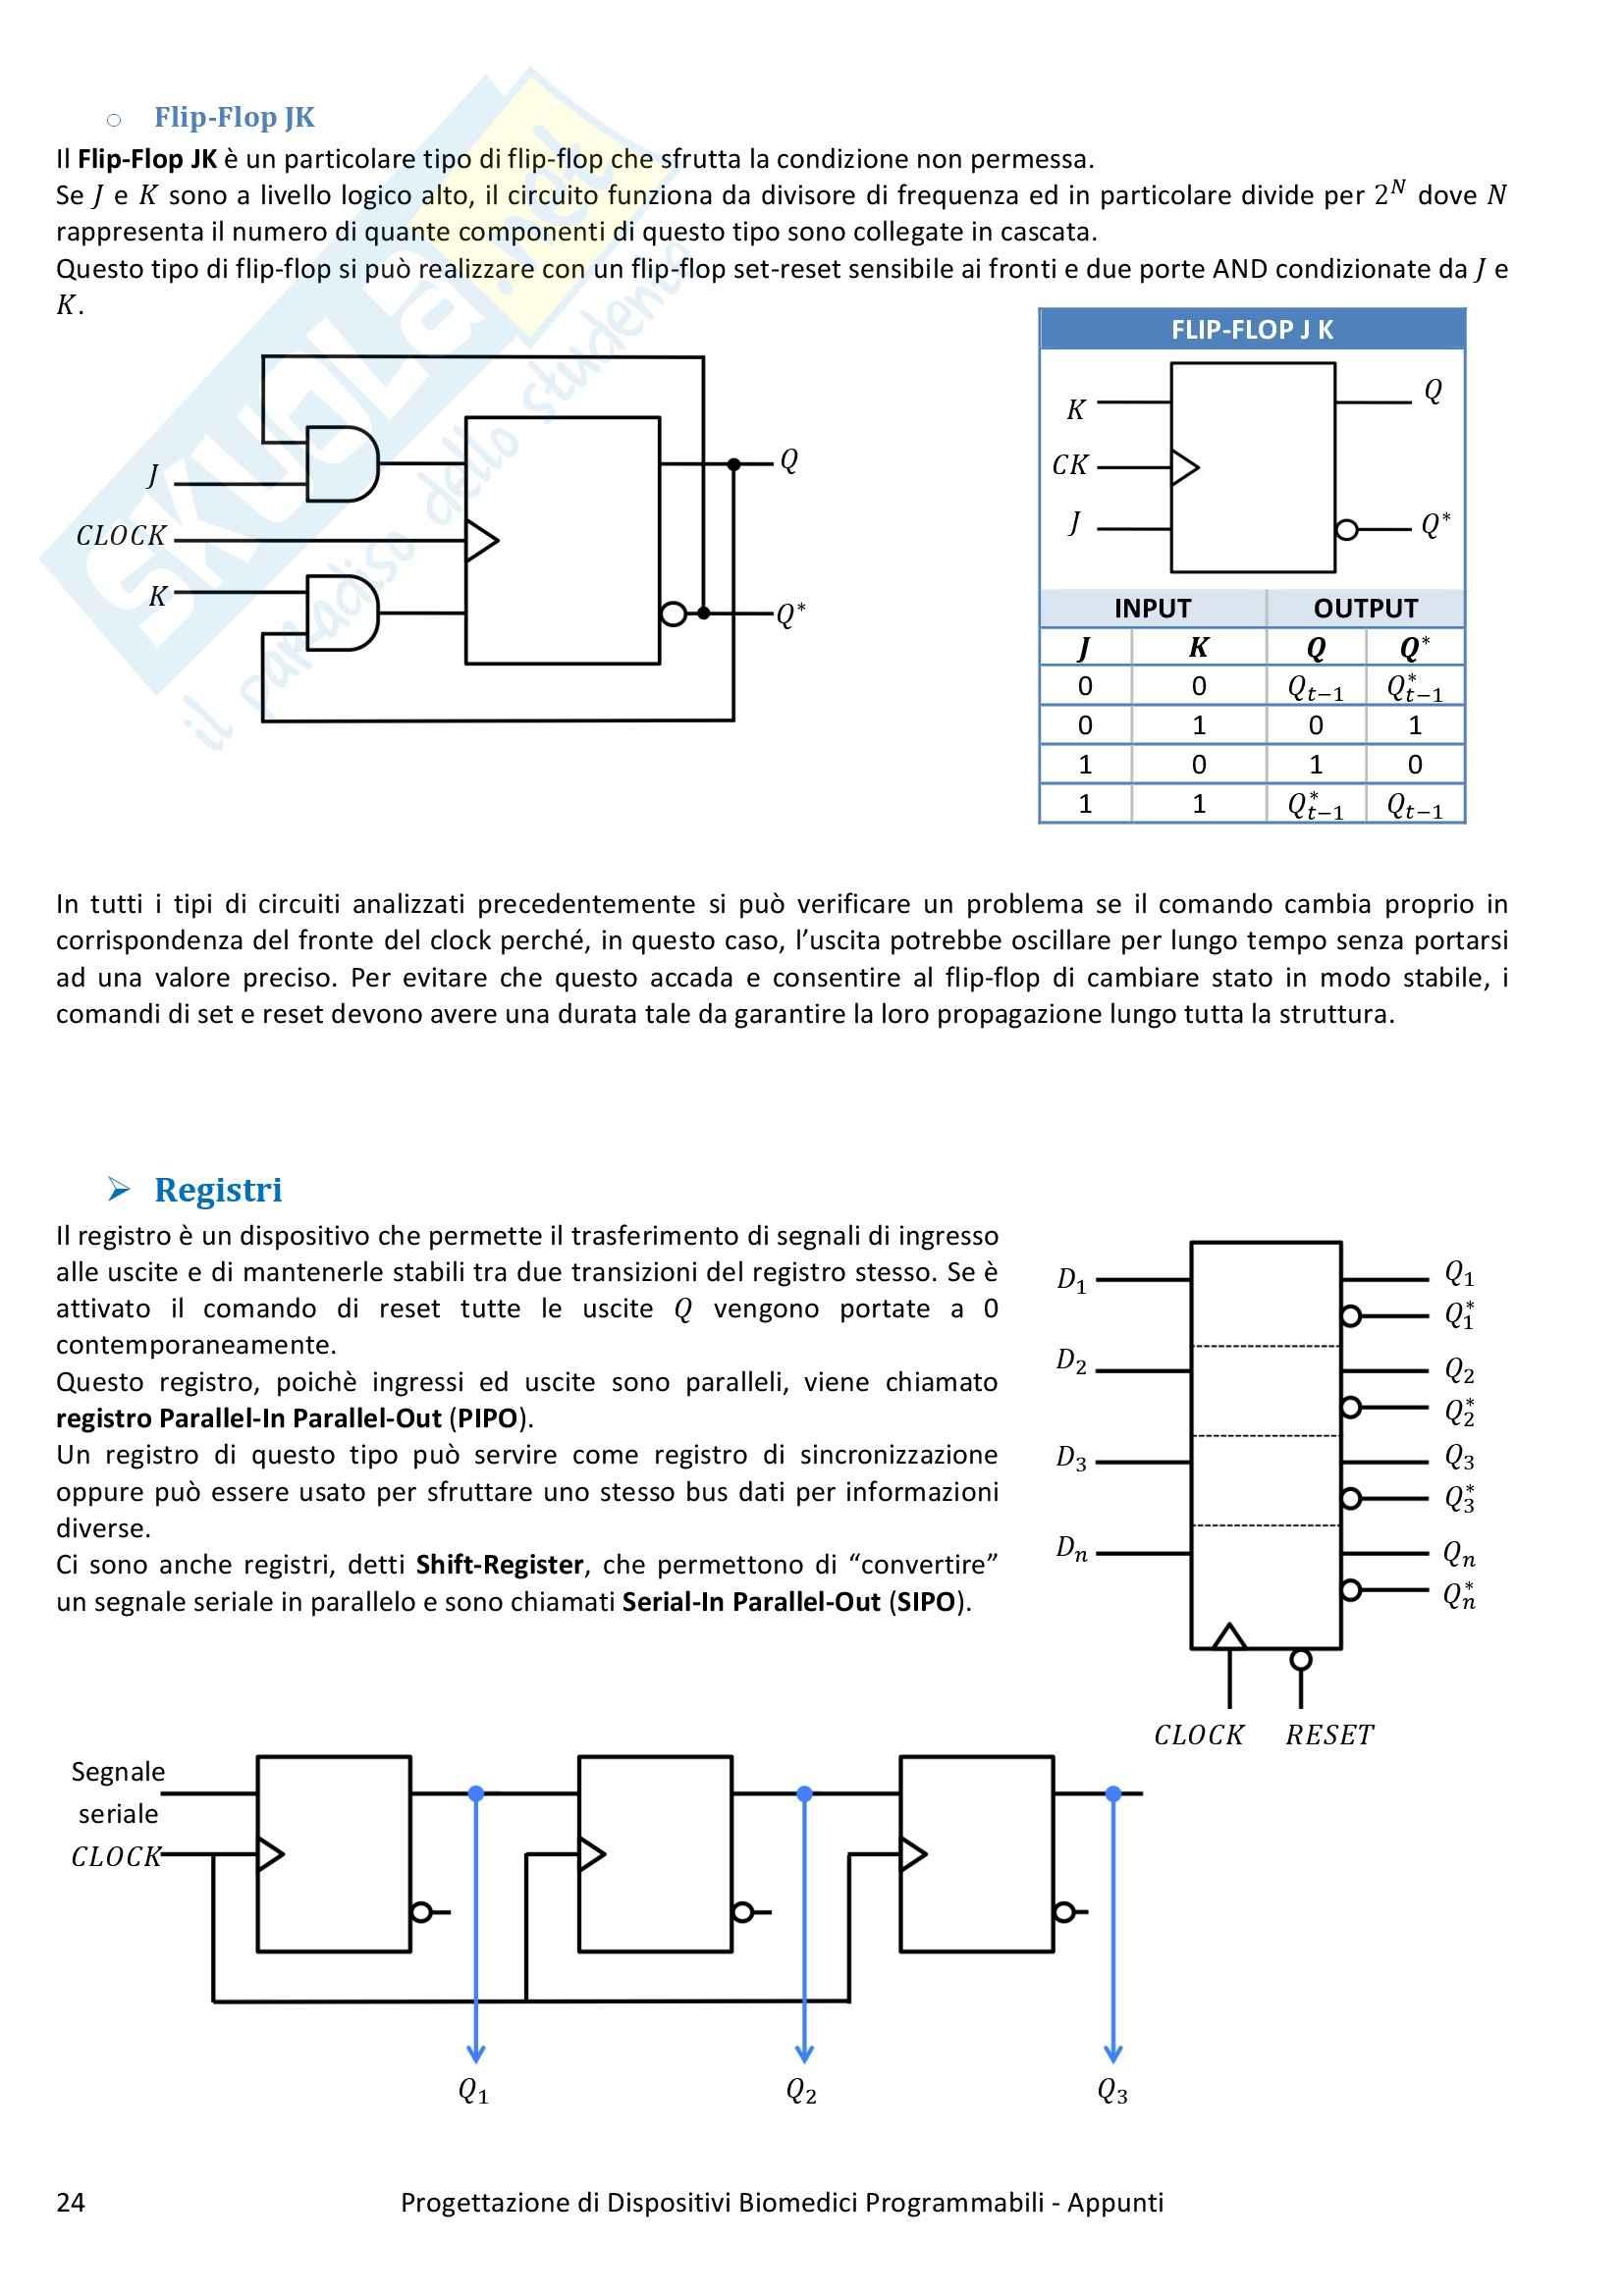 Progettazione di Dispositivi Biomedici Programmabili - Appunti Pag. 26